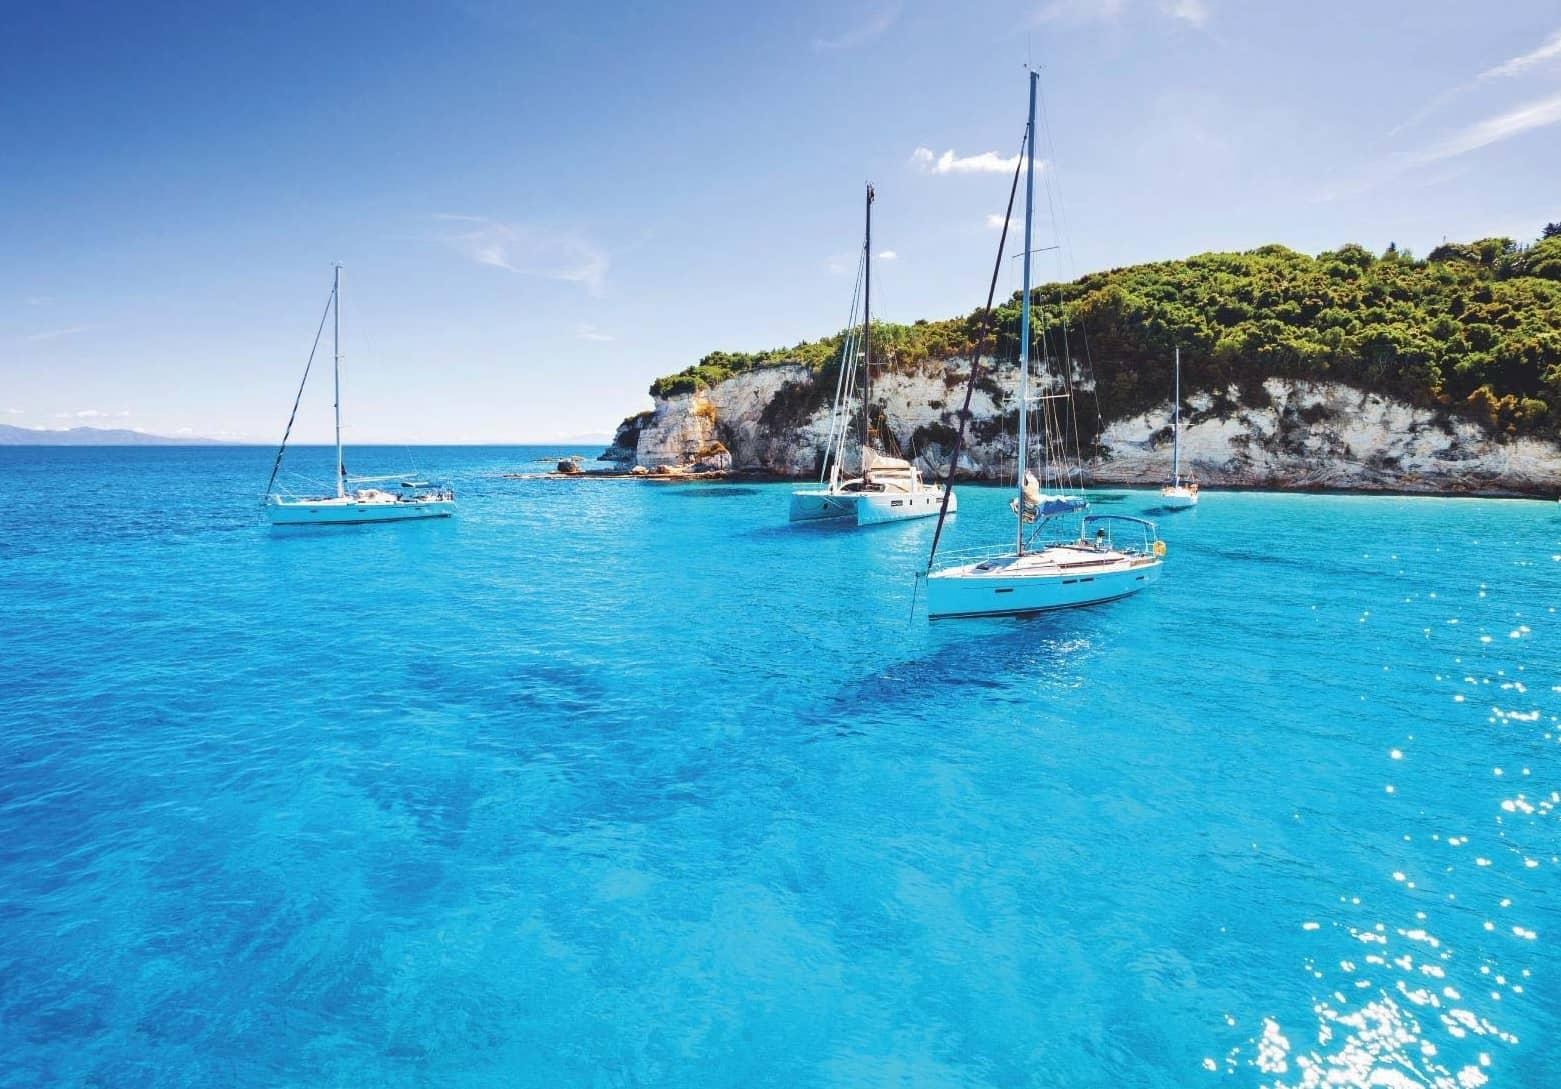 Flotilla Sailing And Bareboat Yacht Charter Holidays